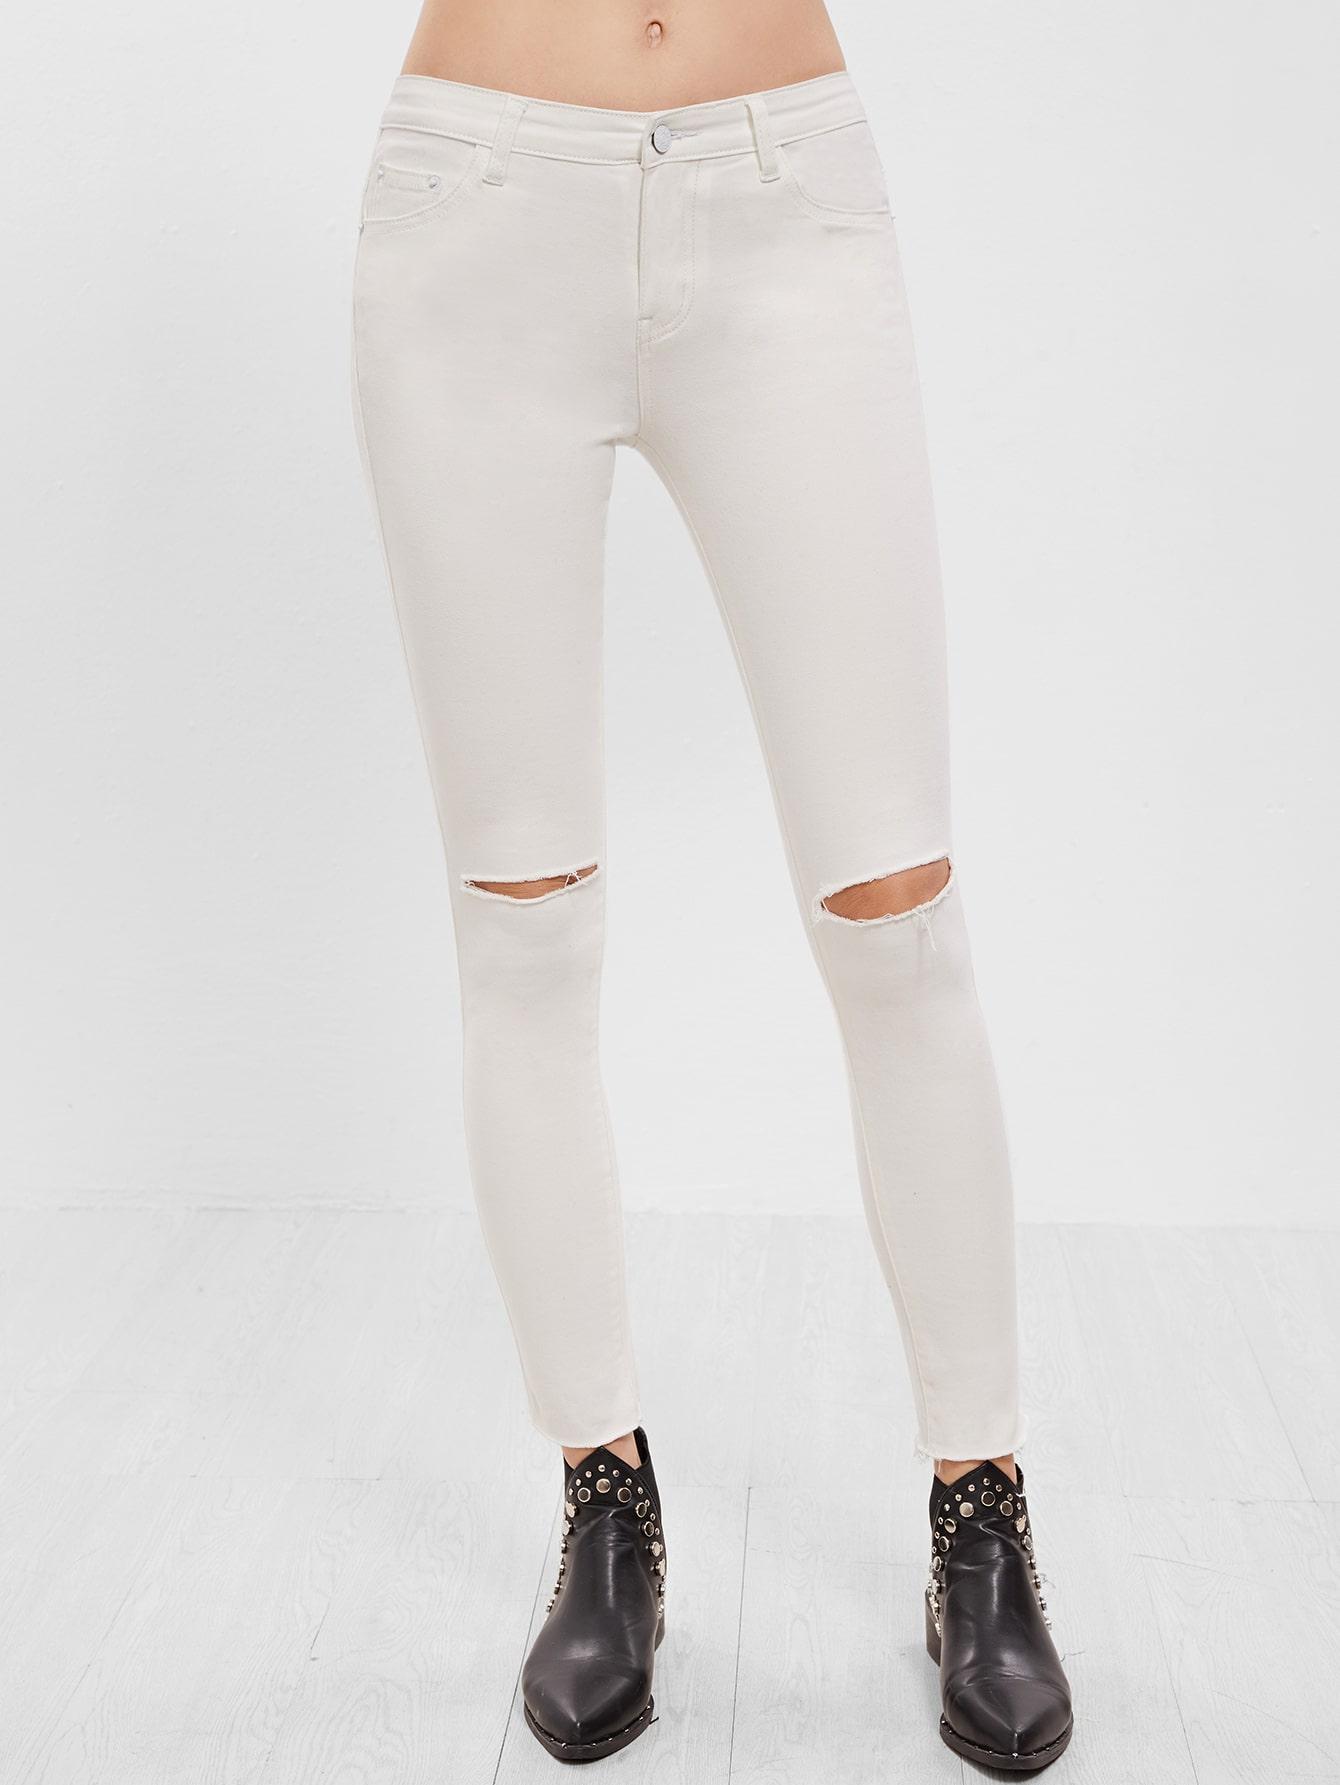 pants161205453_2